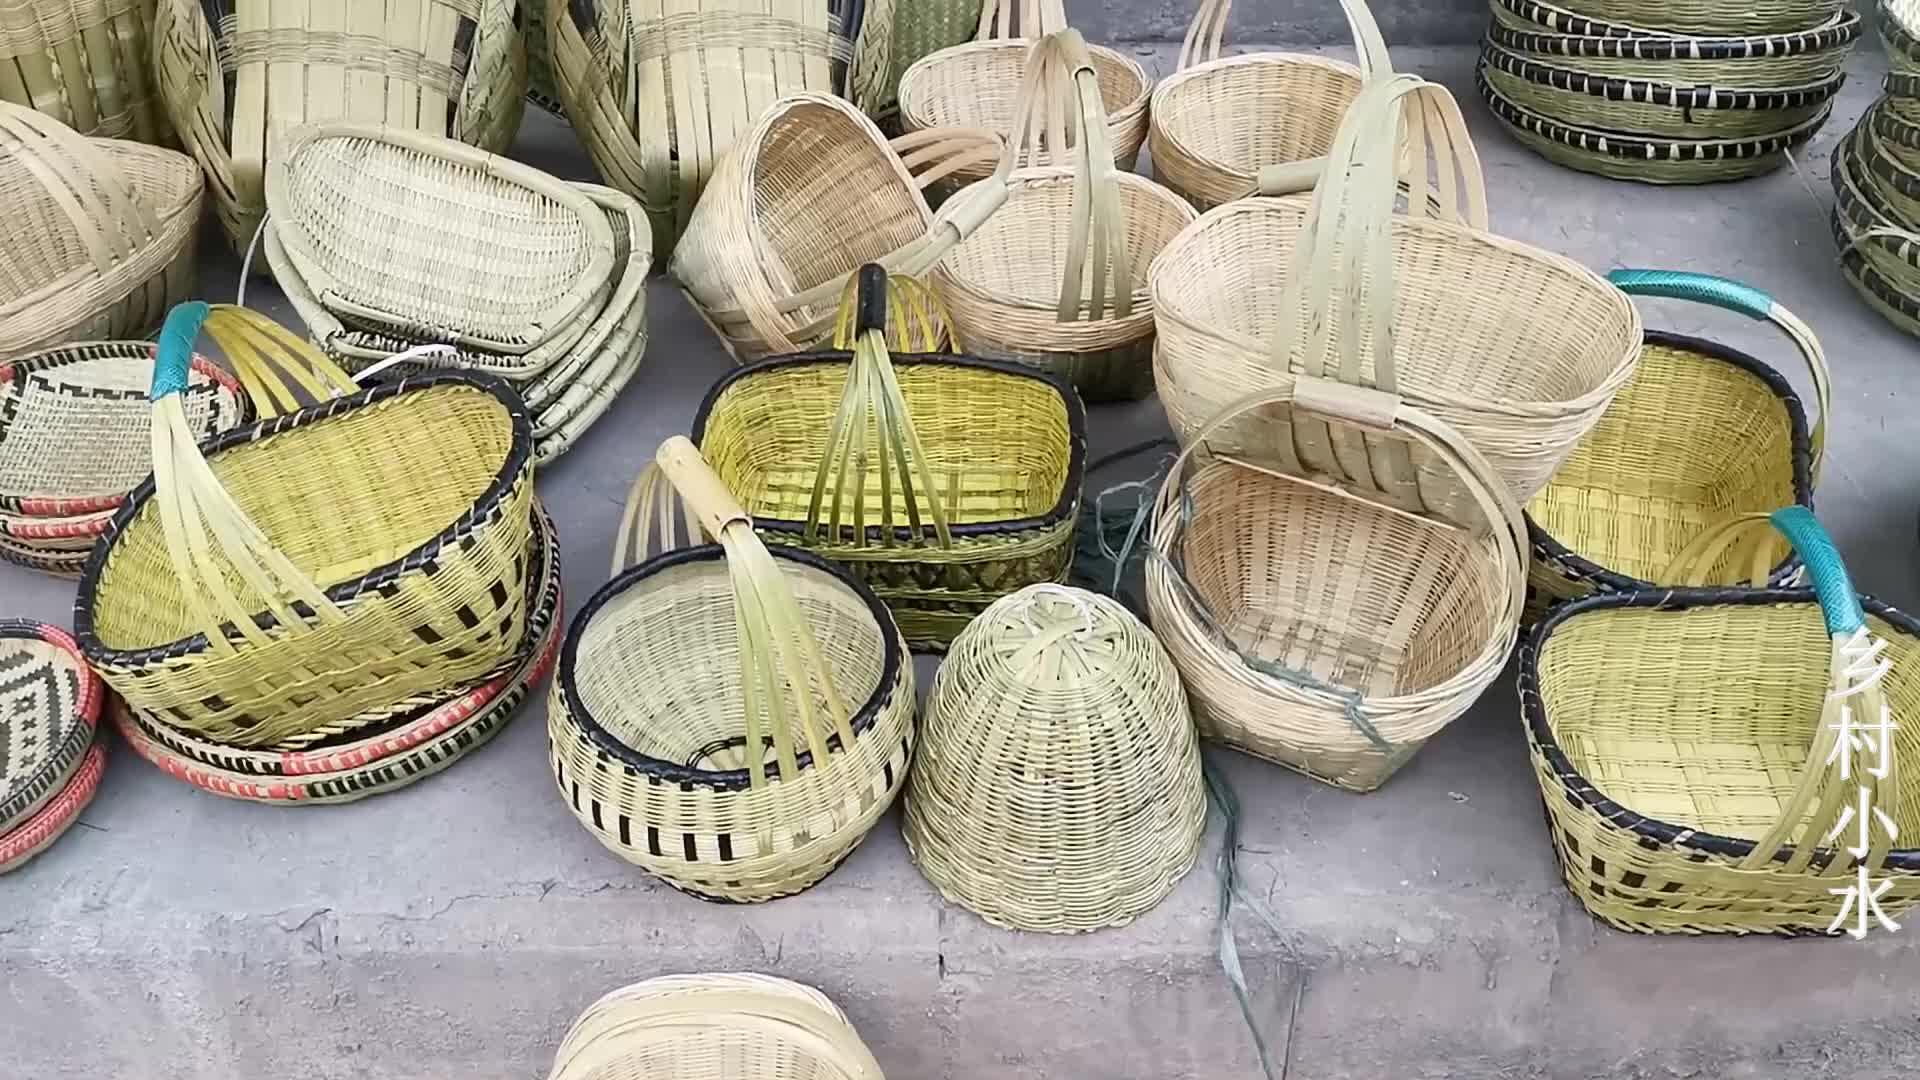 即将失传的老手艺,竹制品精美又实用,会制作的人越来越少了